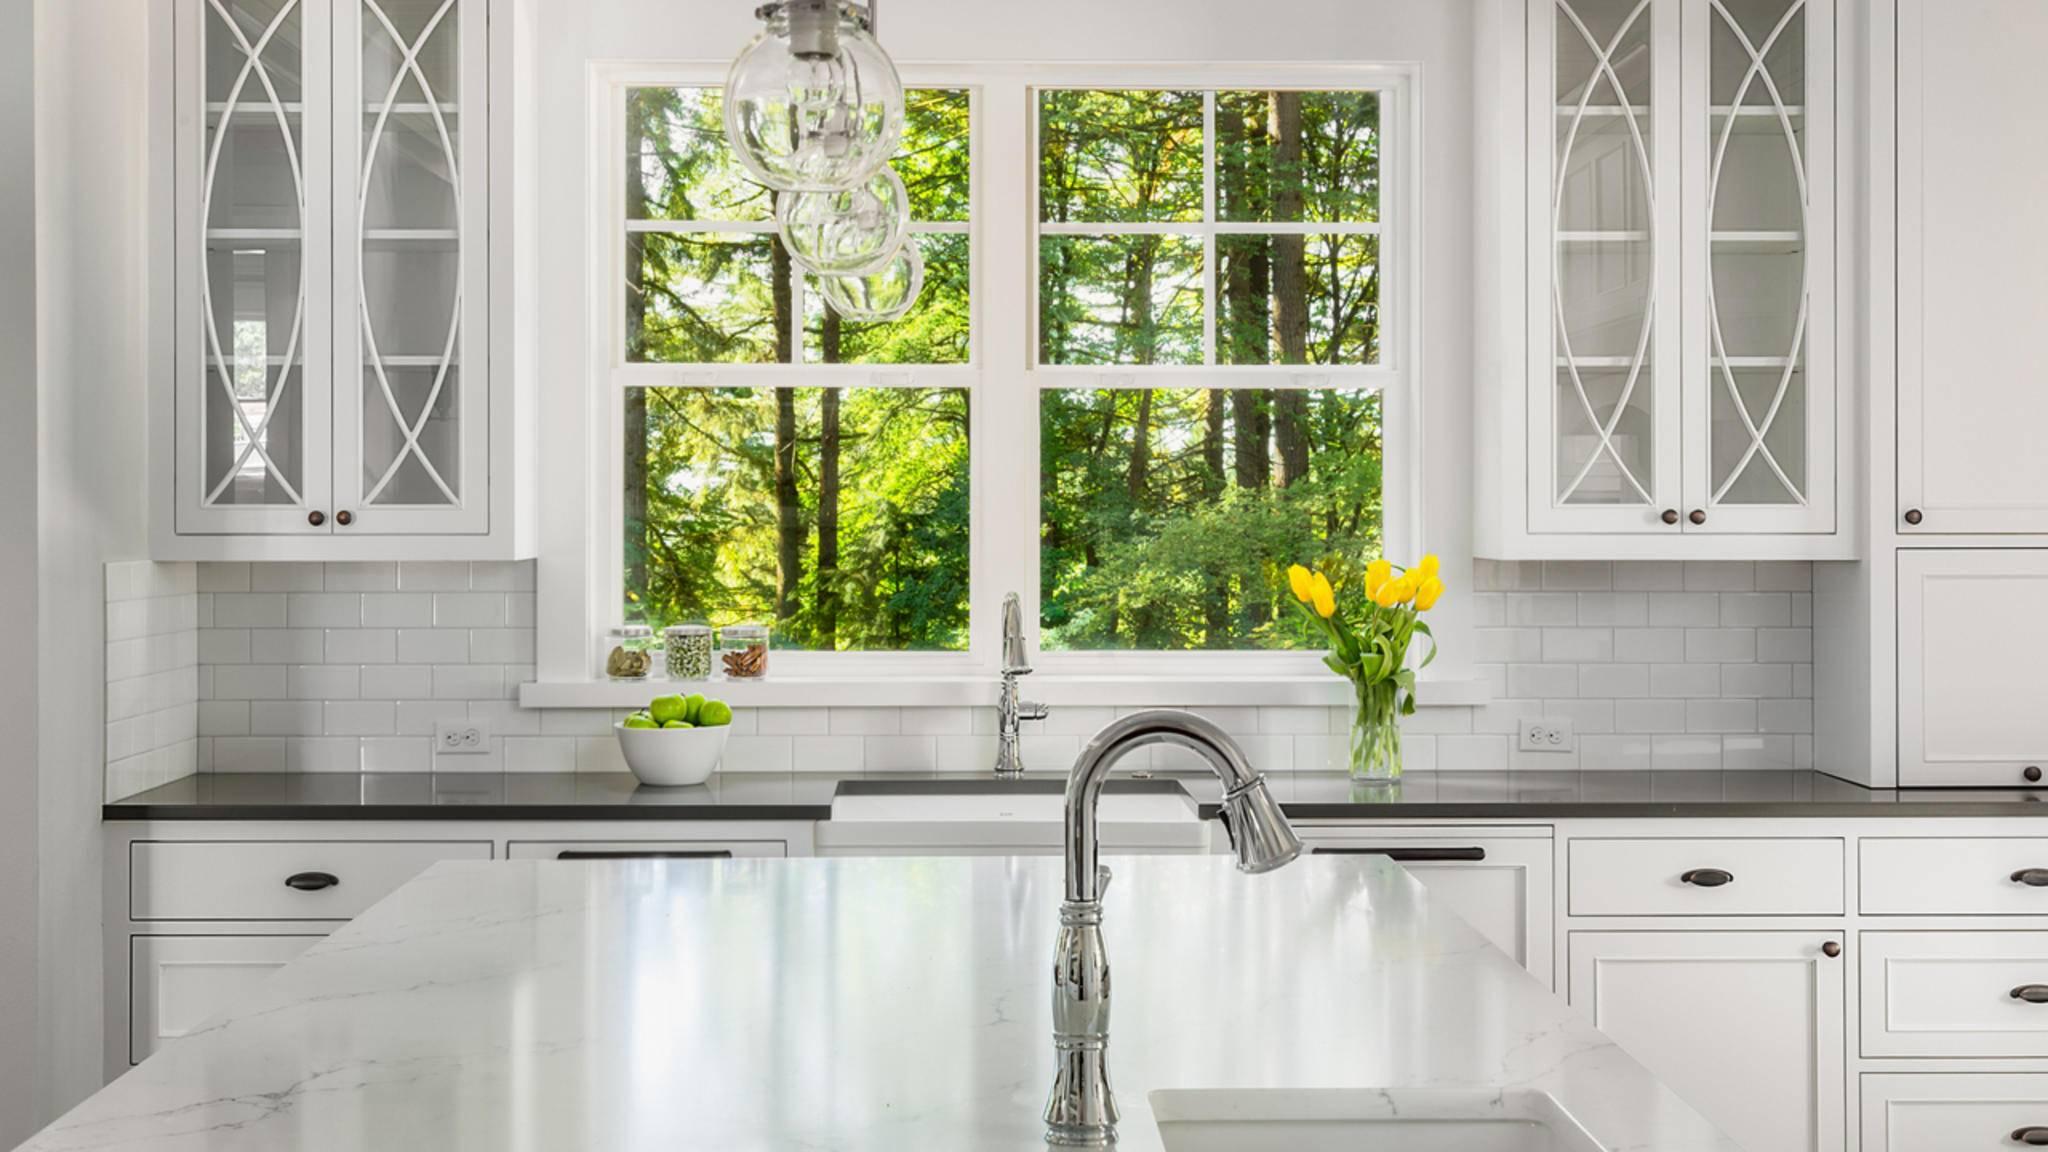 Damit beim Küchenputz auch wirklich alles glänzt: Denk an diese beliebten Keimverstecke!